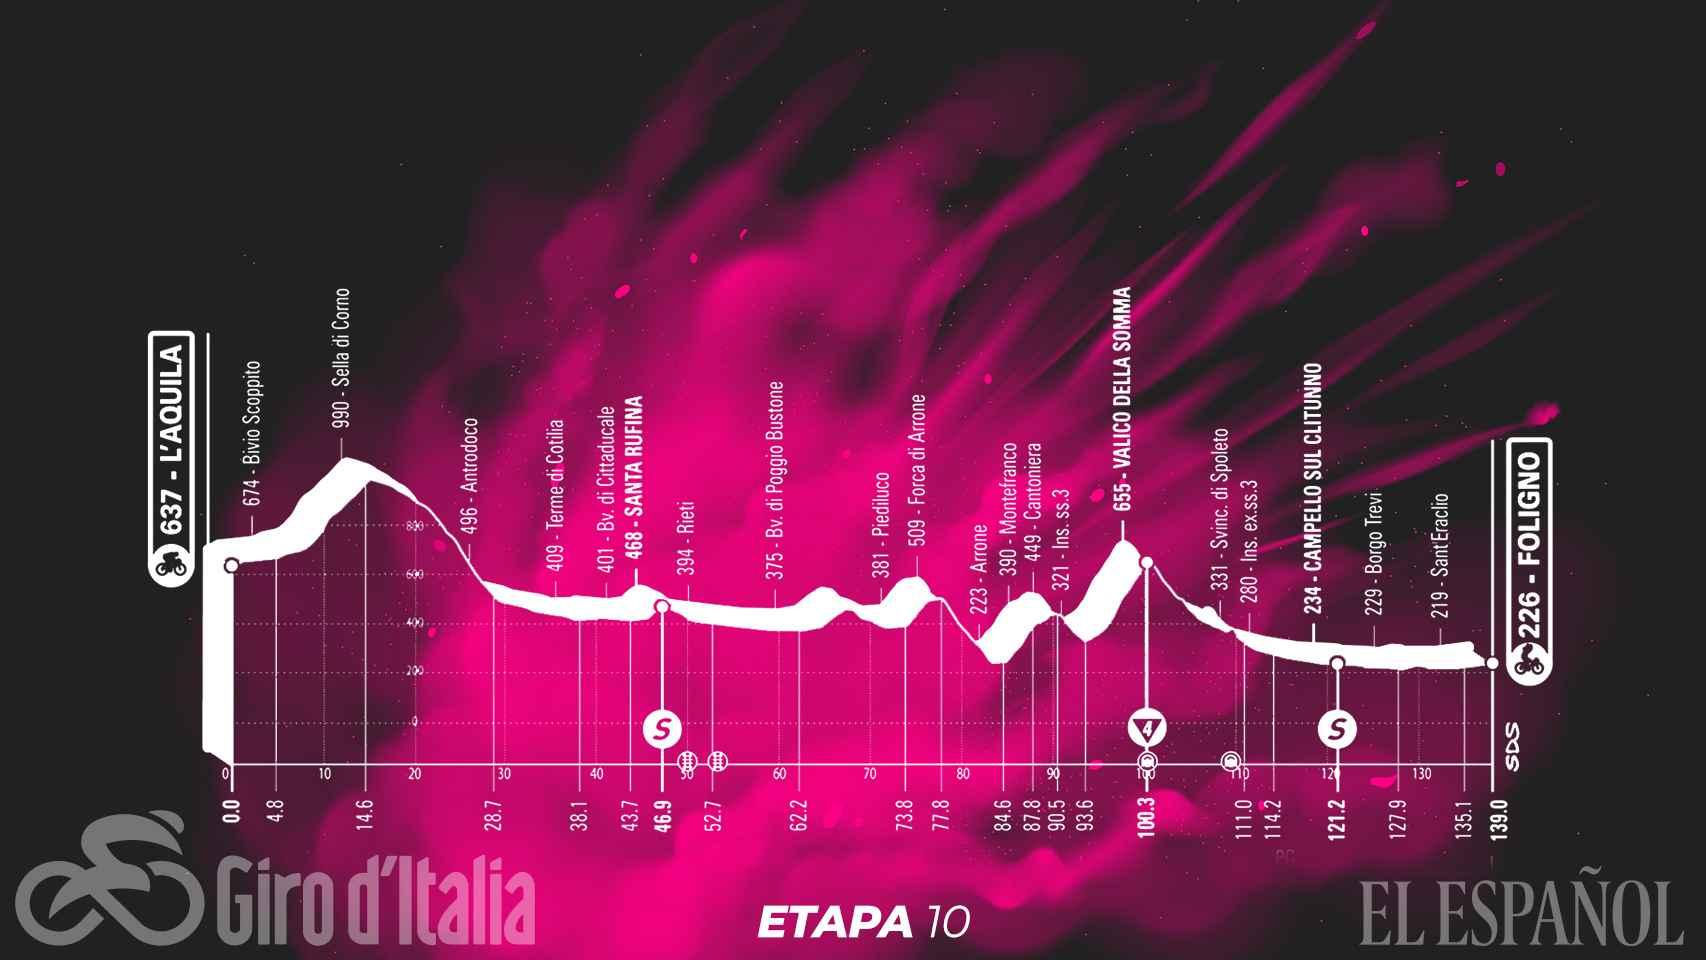 Etapa 10 (lunes 17 de mayo): L'Aquila - Foligno   139 kilómetros